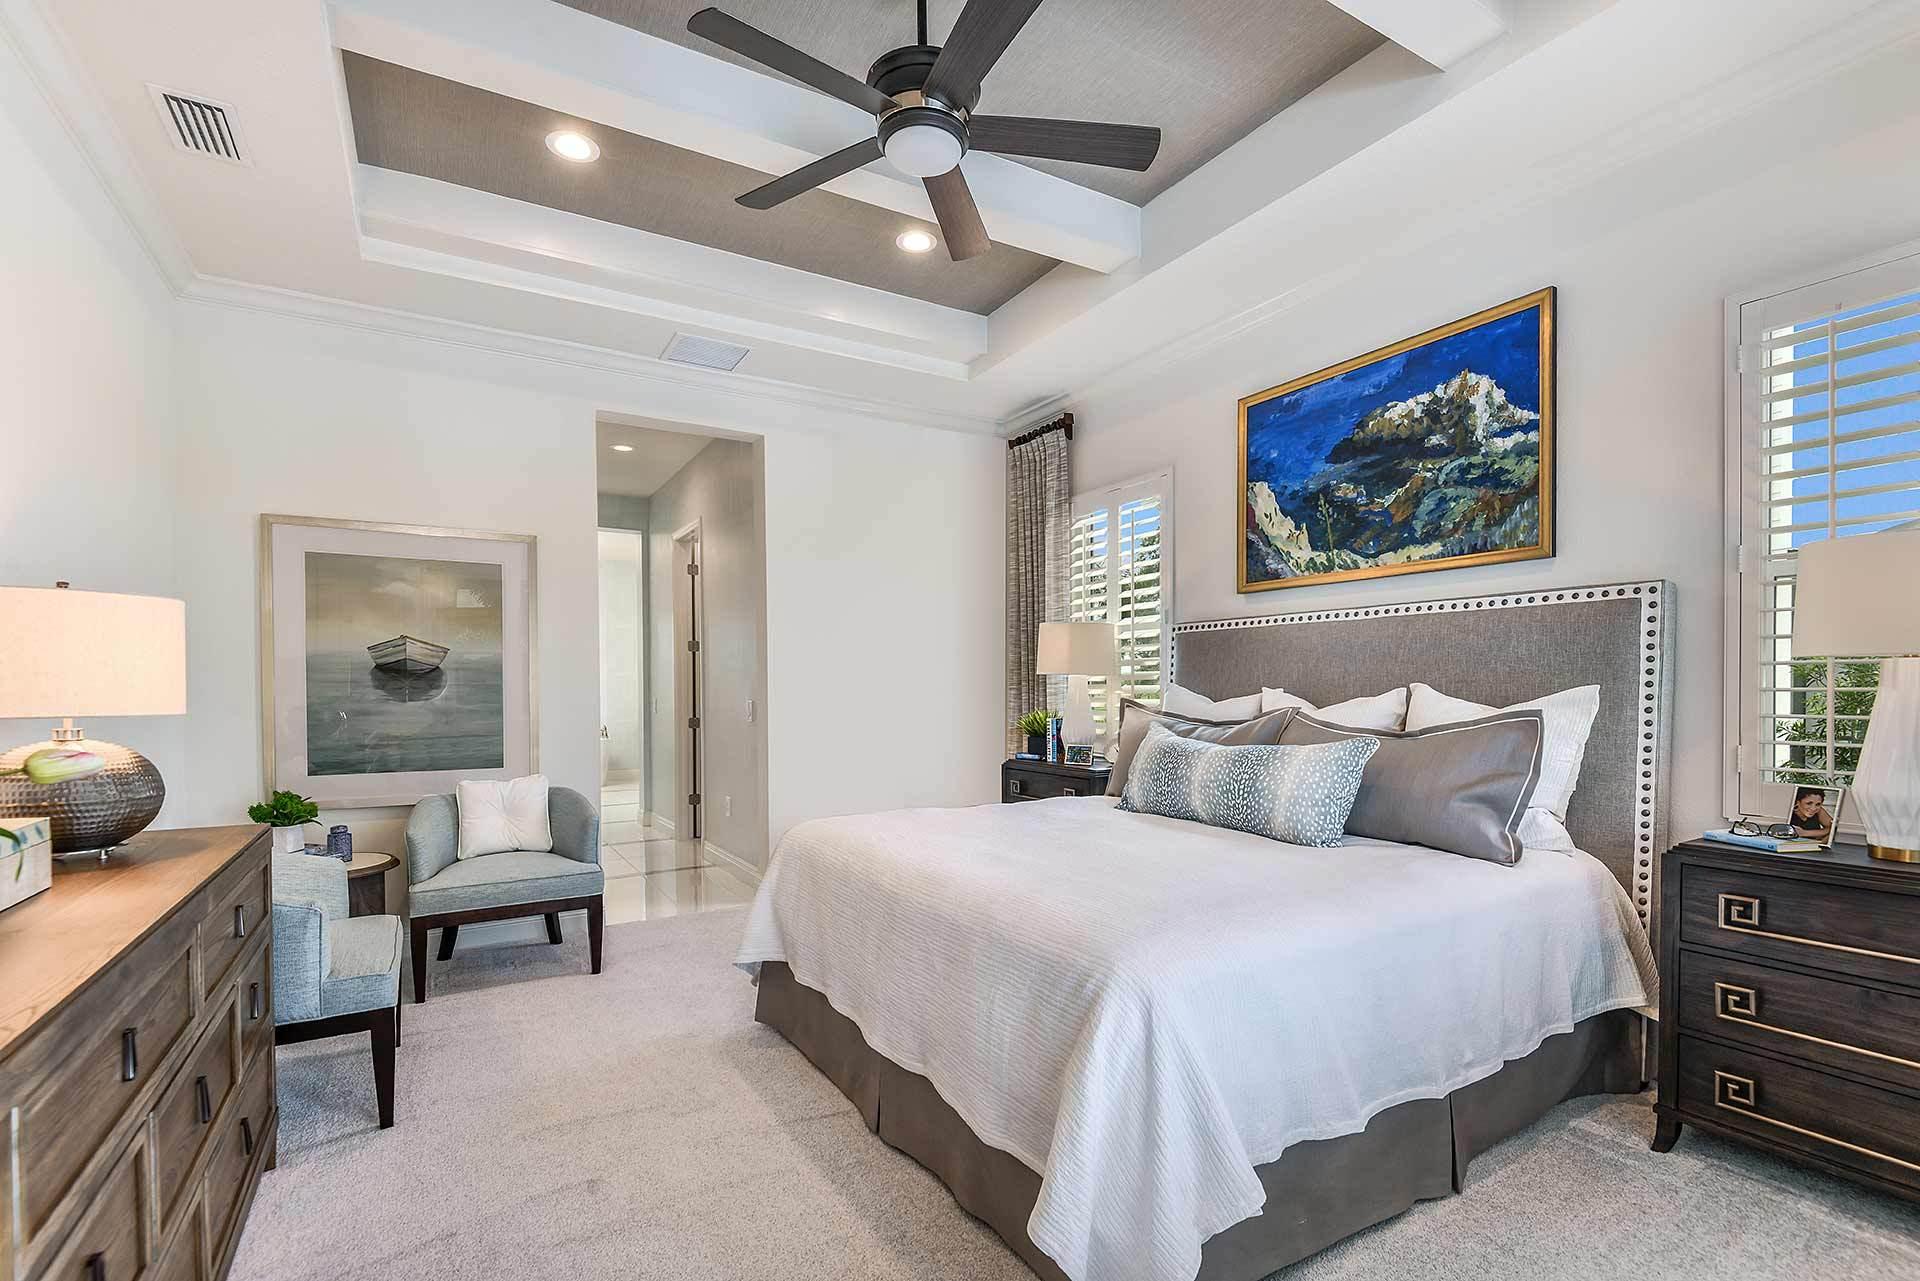 Bedroom featured in the Savannah 2 By Neal Communities in Sarasota-Bradenton, FL